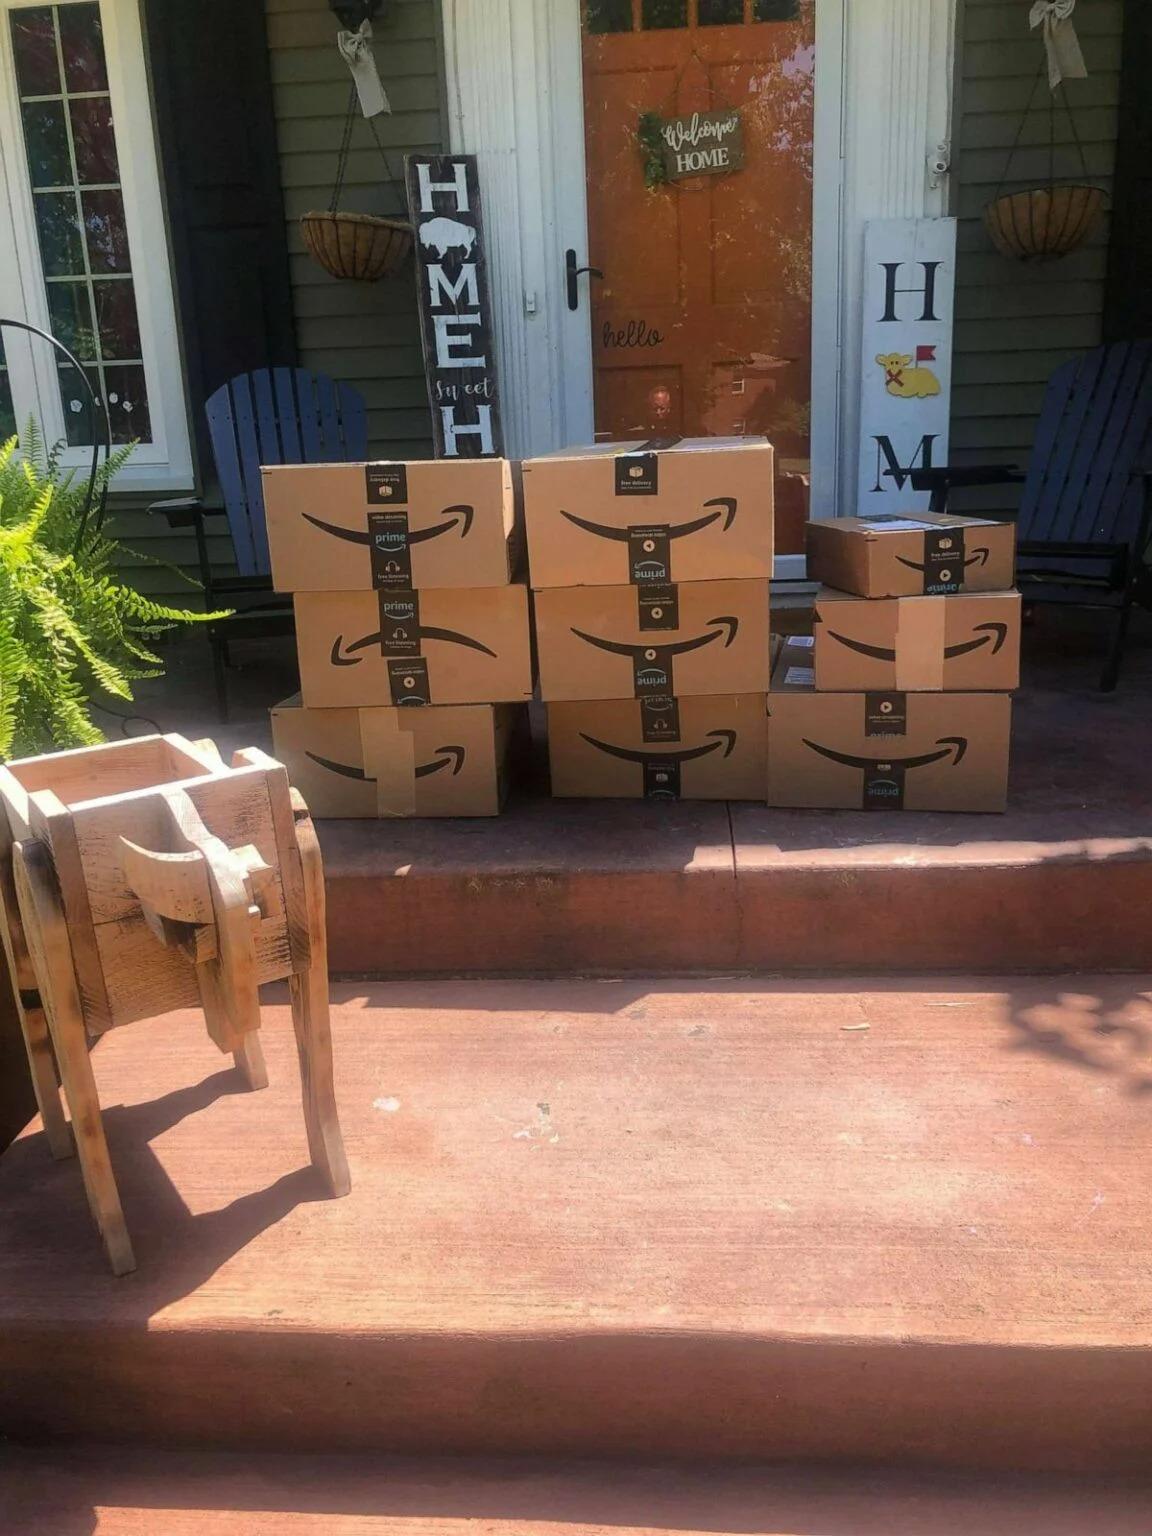 Recibe paquetes de Amazon por error y dona su contenido